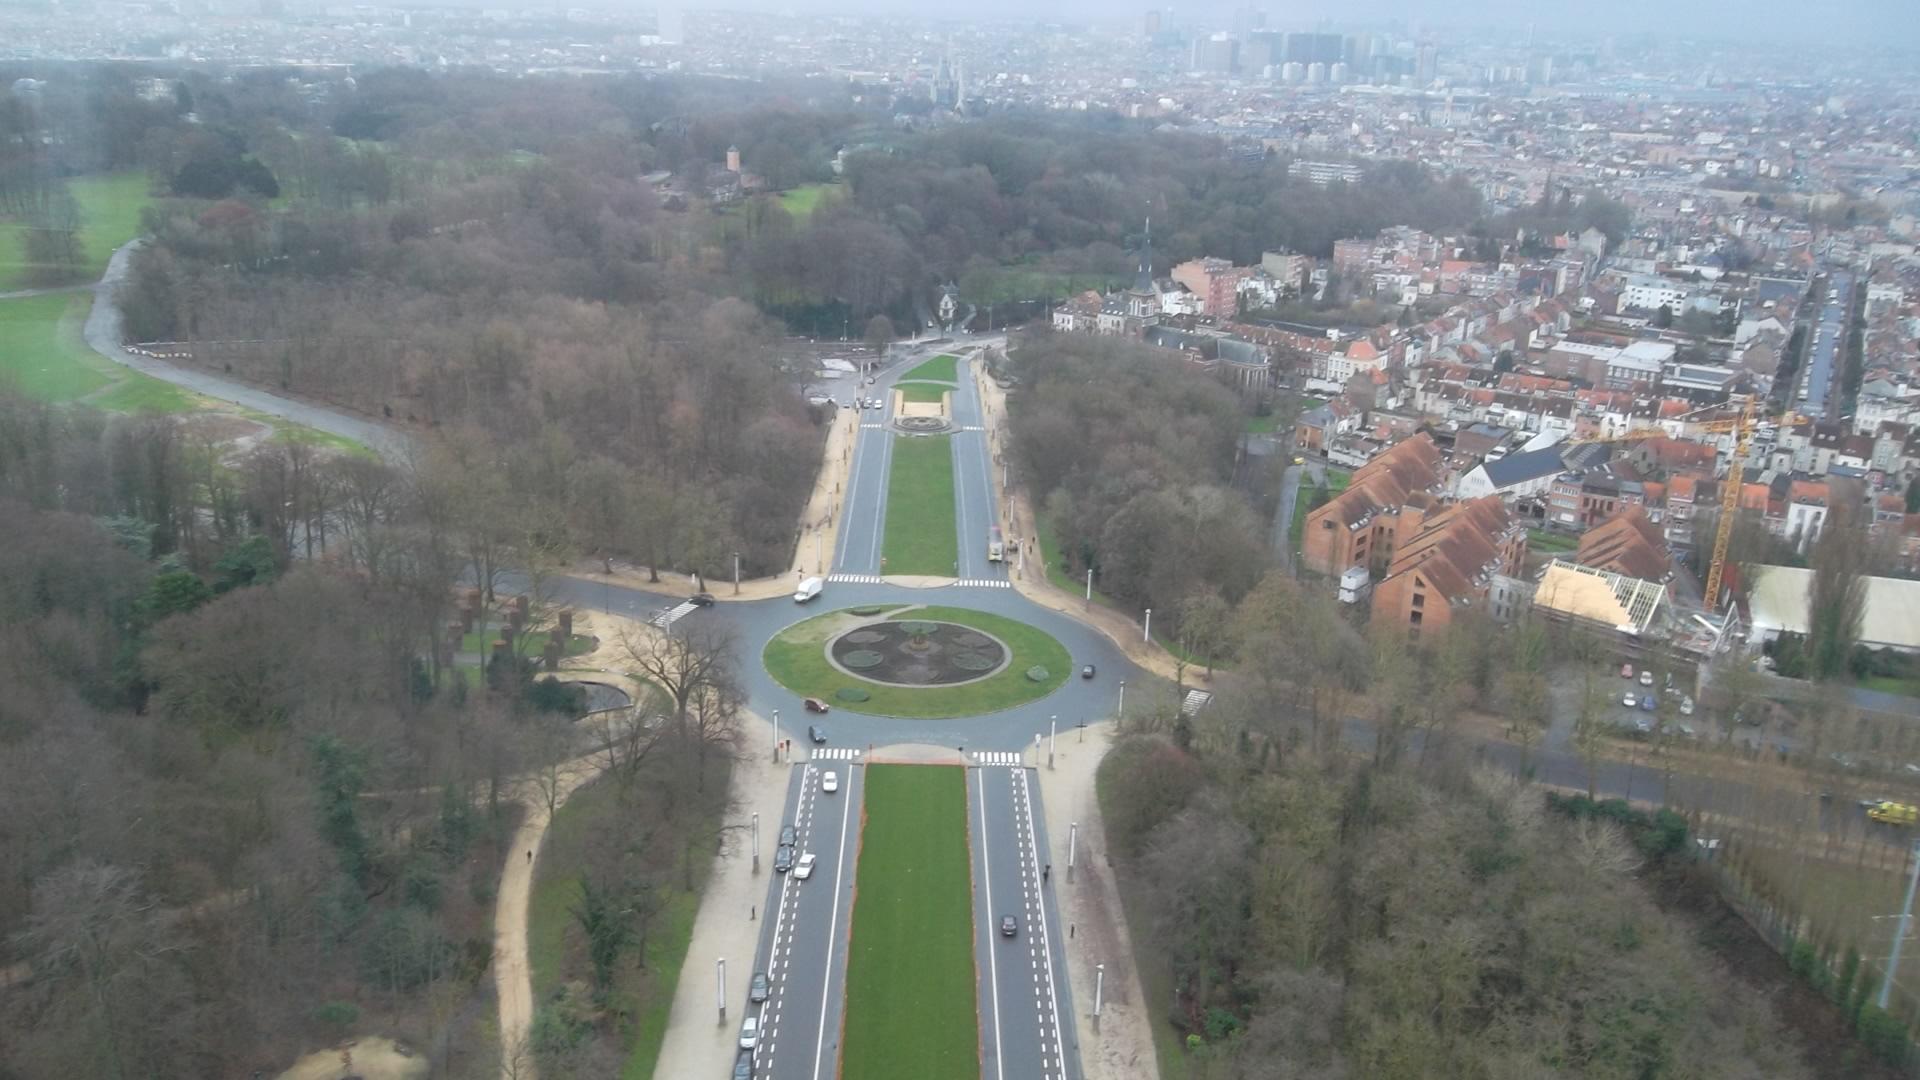 bru-atomium-view-city-dec12